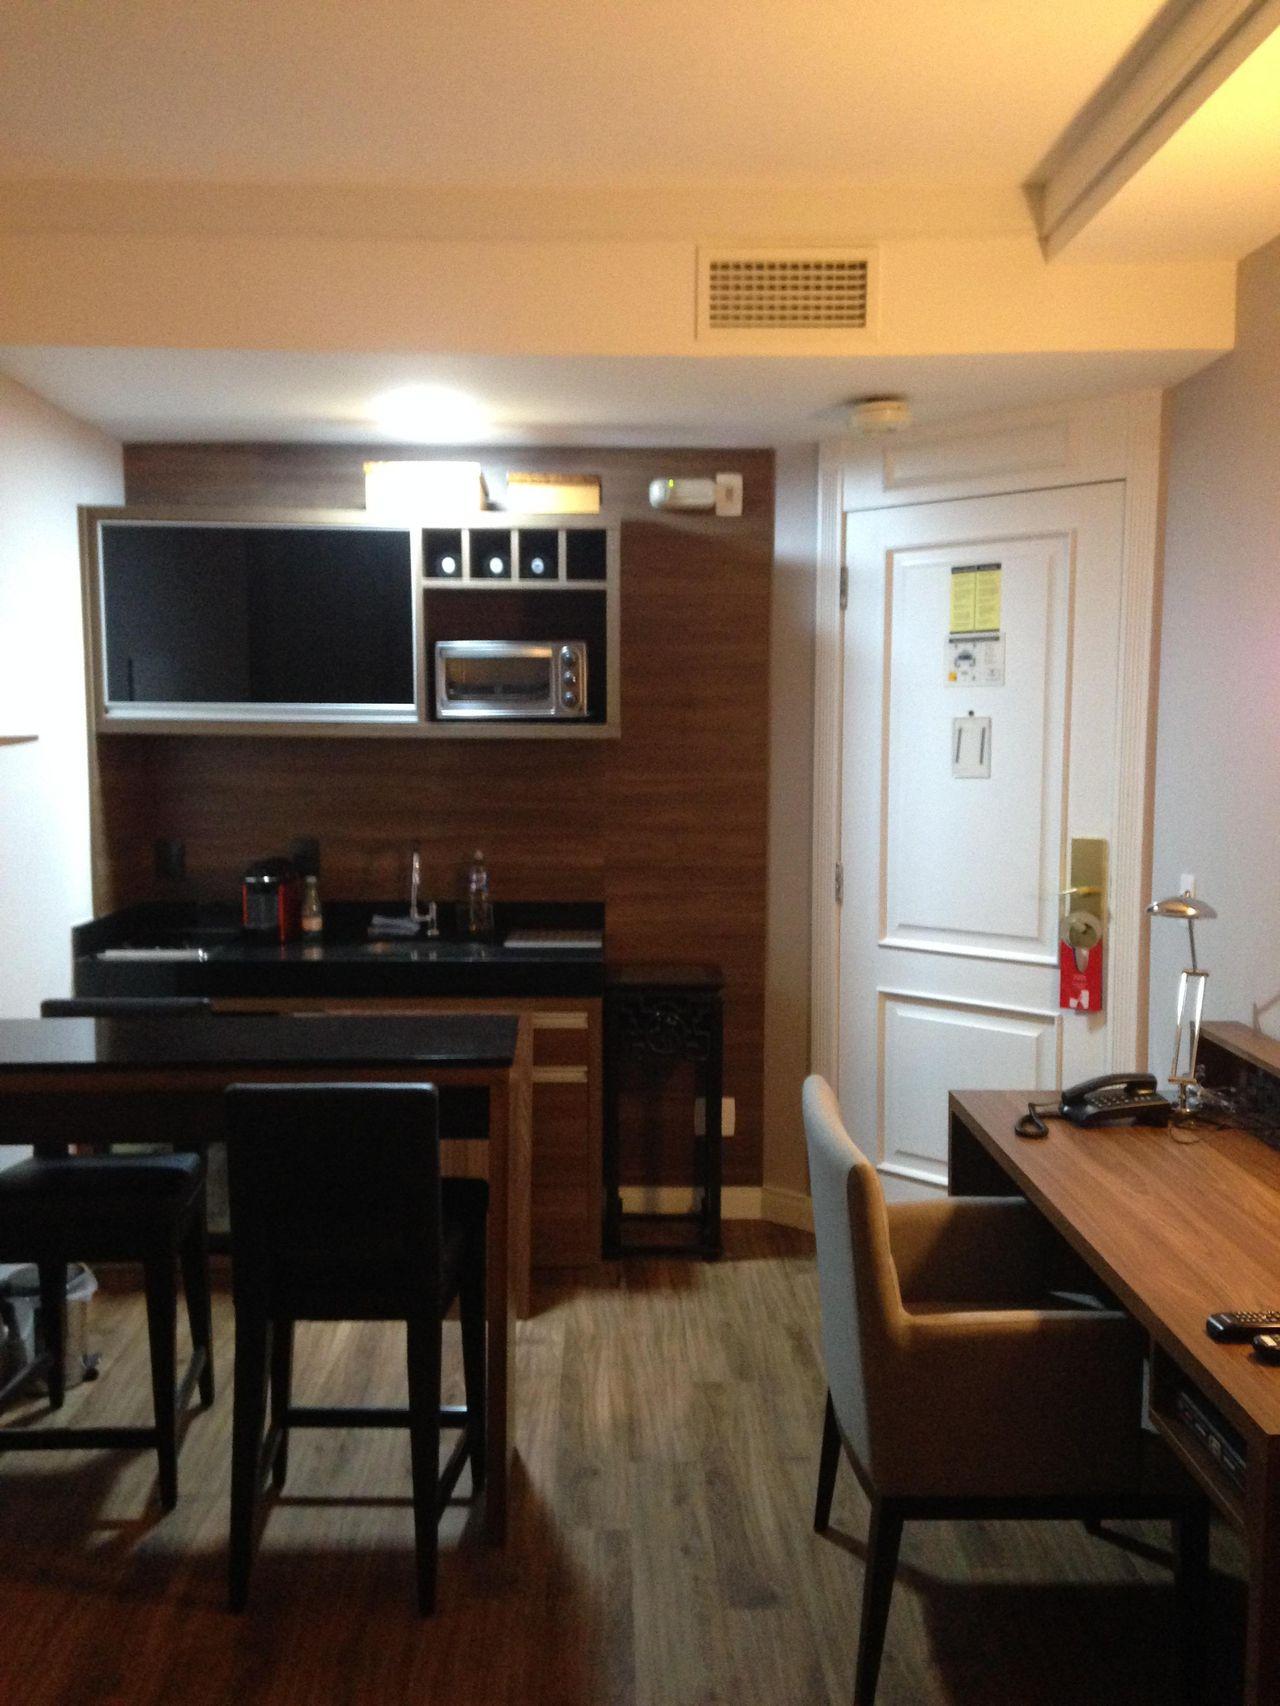 Cozinha Com Bancada Preta E Painel De Iago Patucci 22953 No Viva